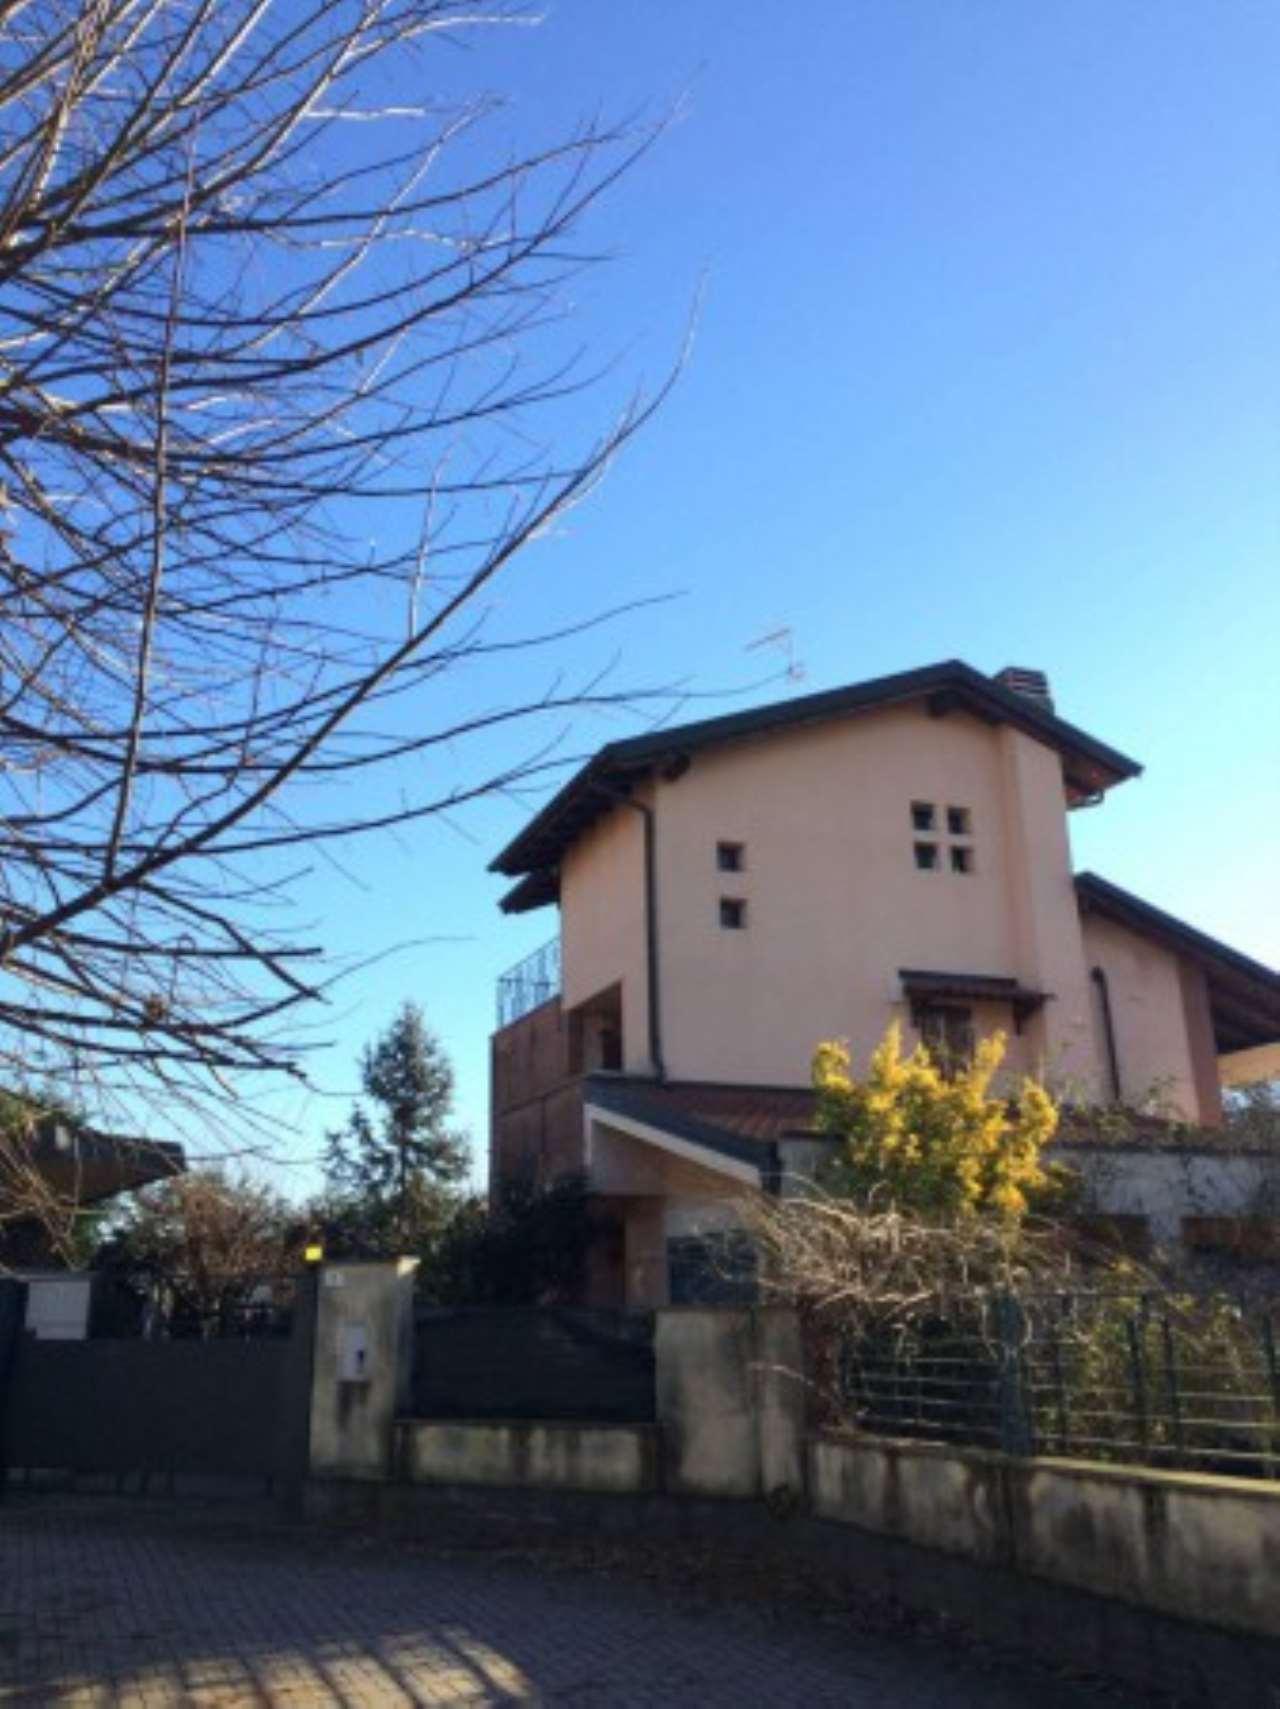 Villa in vendita a Nibbiola, 4 locali, prezzo € 255.000   Cambio Casa.it